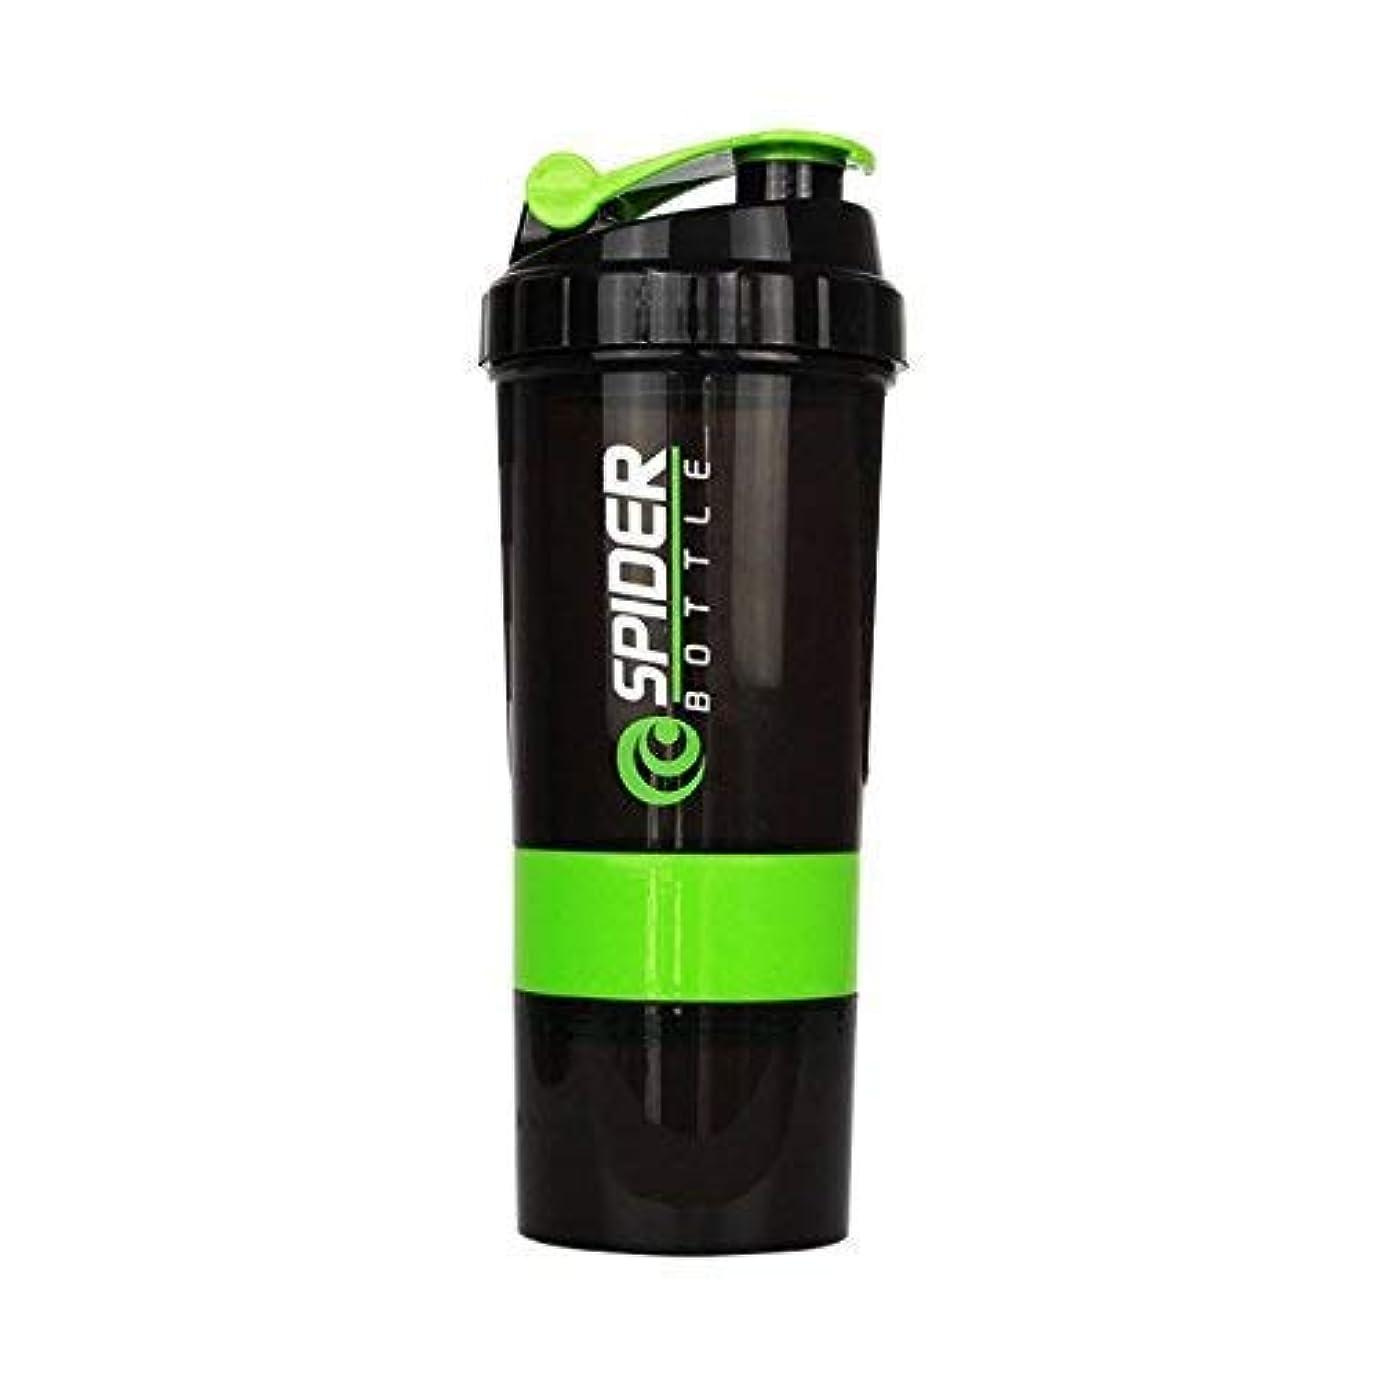 流行している野心ガウンGOIOD 3層ハンディー式 ウォーターボトル プロテインシ シェーカーボトル フィットネス用 プラスチック 目盛り ジム ダイエット スポーツ 栄養錠剤ビタミン入れ(ブラック) 600ML (グリーン)